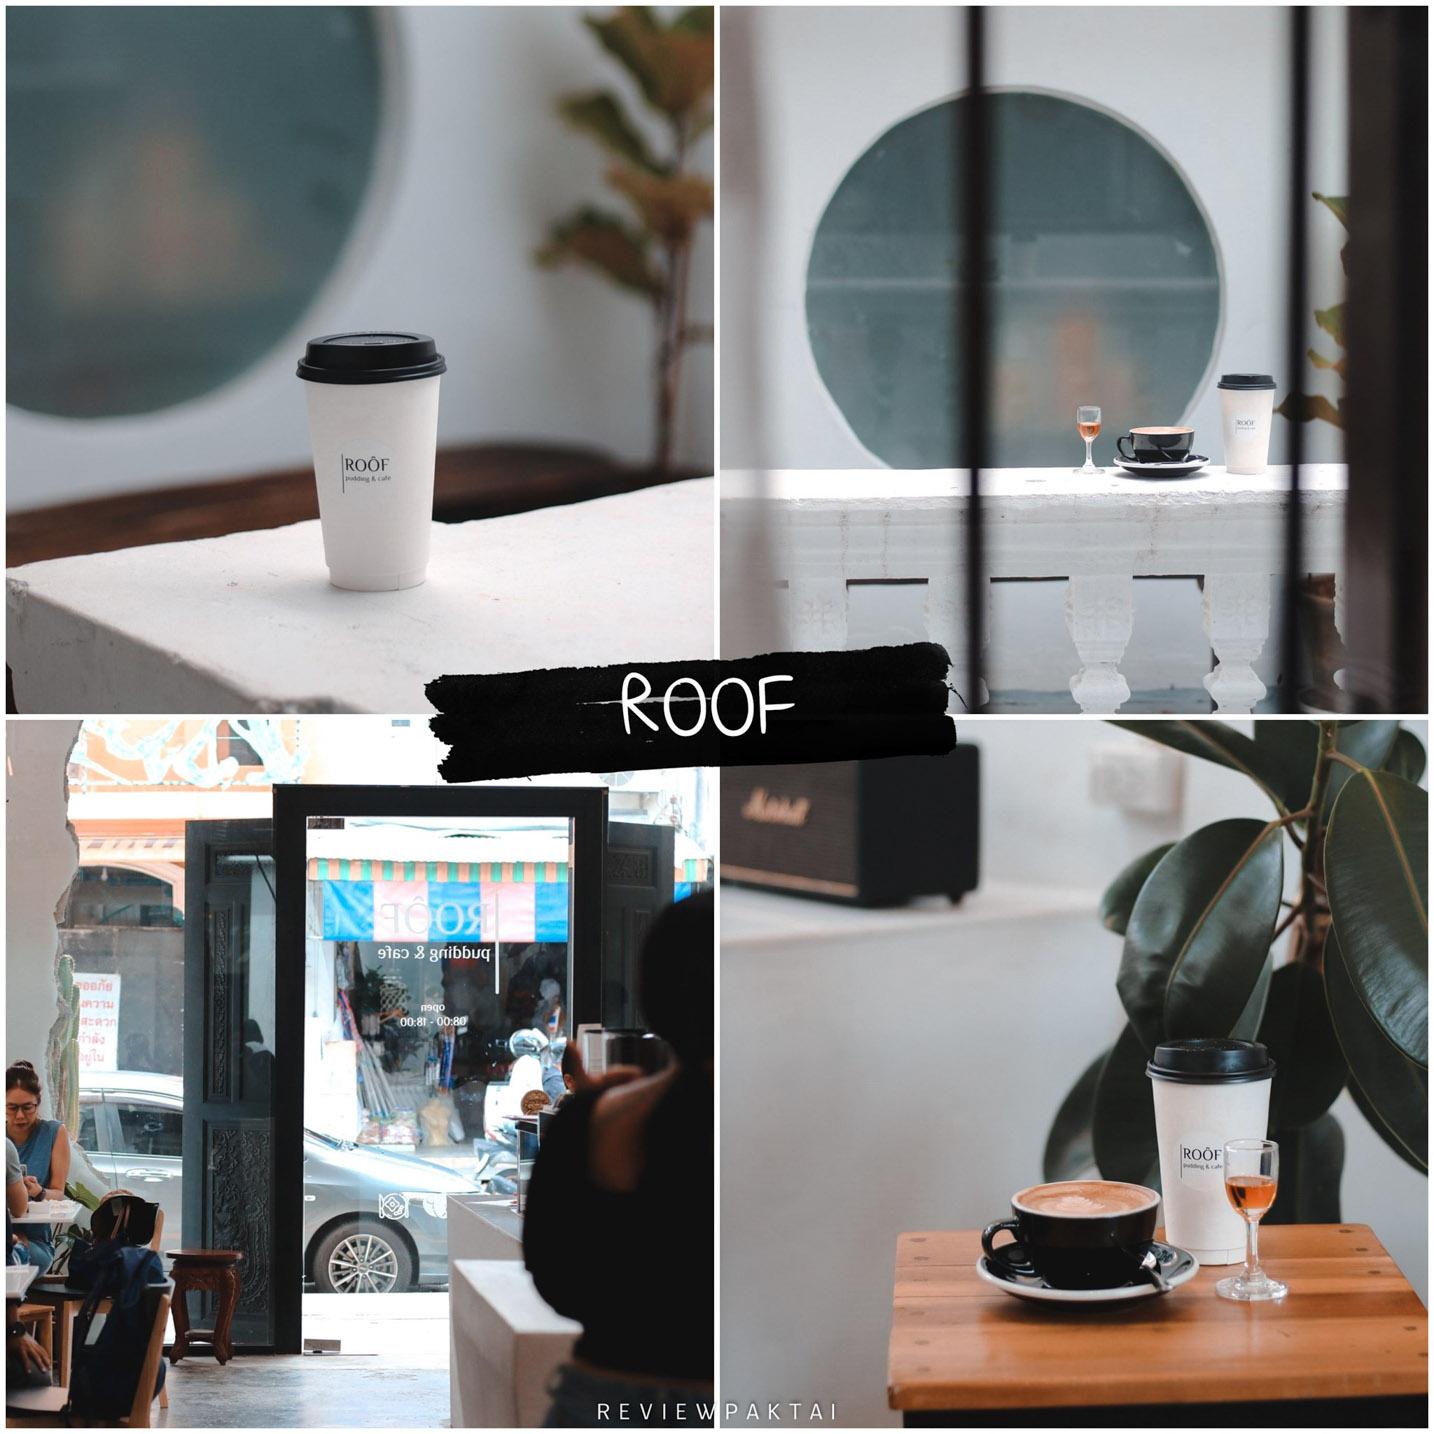 ROOF pudding & cafe คาเฟ่สไตล์มินิมอลย่านเมืองเก่าภูเก็ต อากาศดีๆกาแฟสักแก้วไหม พลาดไม่ได้ต้องไปปักหมุดกันแล้ว!!